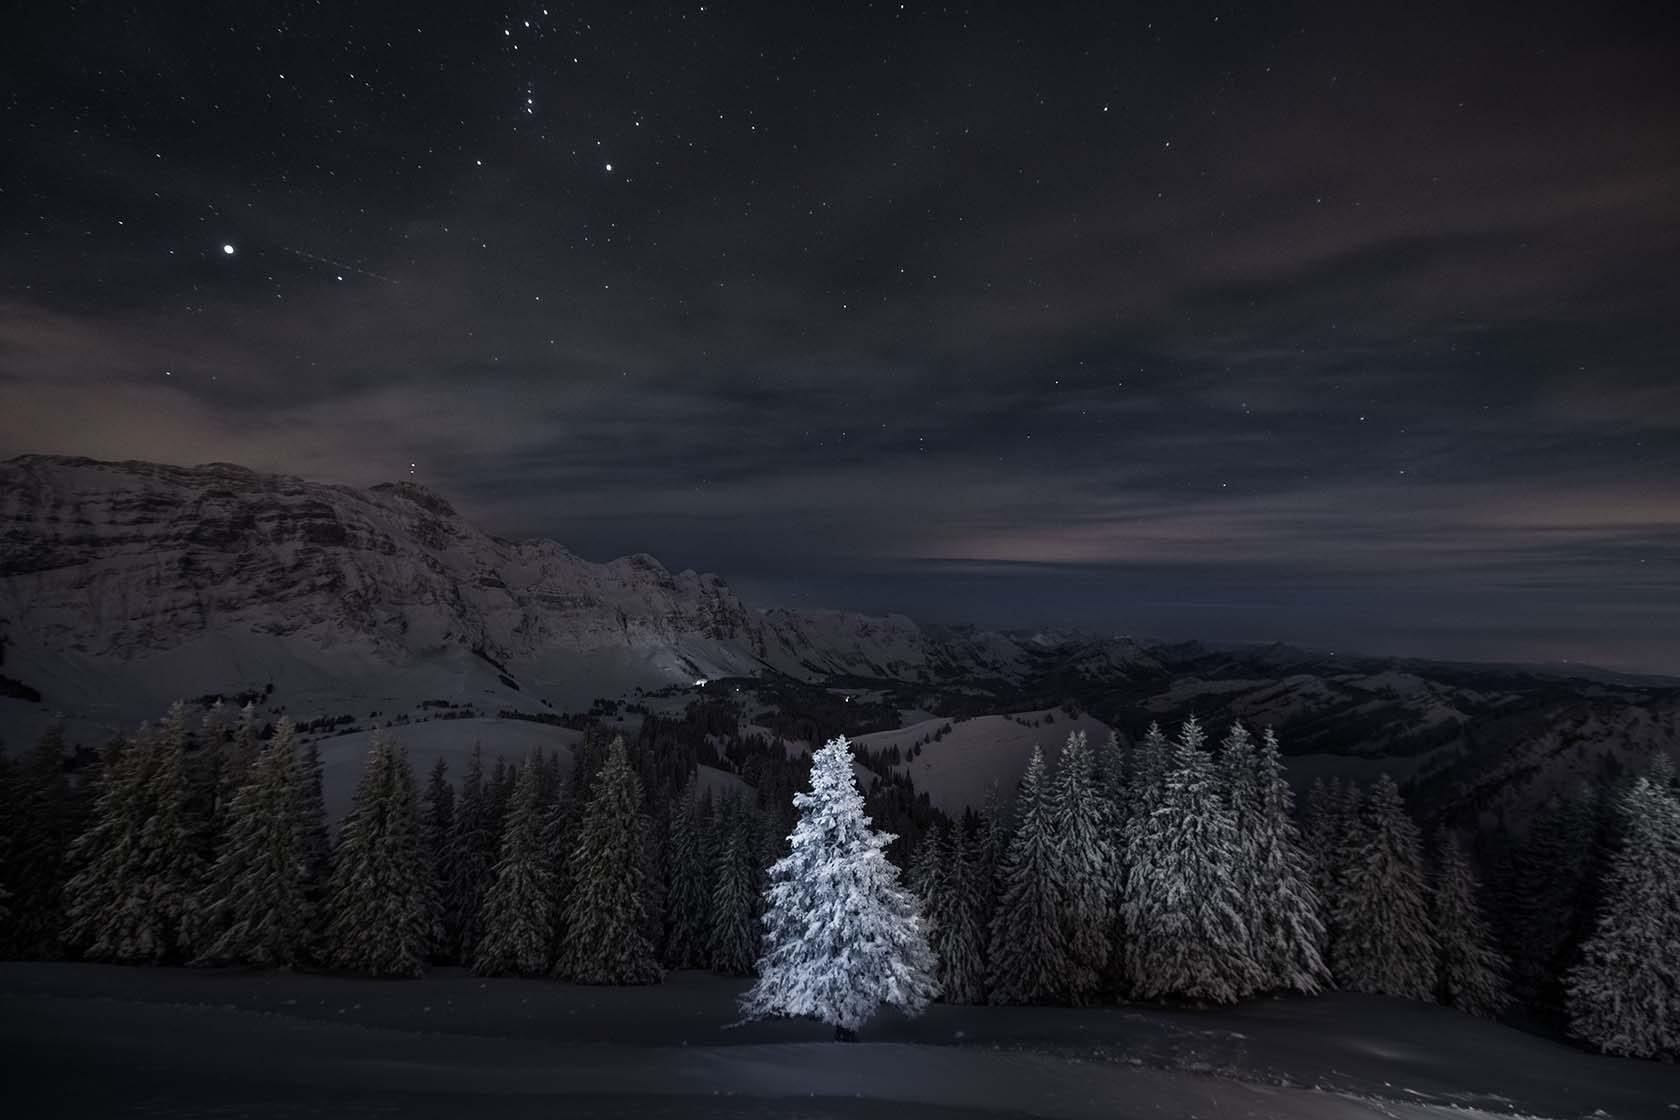 award winning sony world photography by sylvia michel